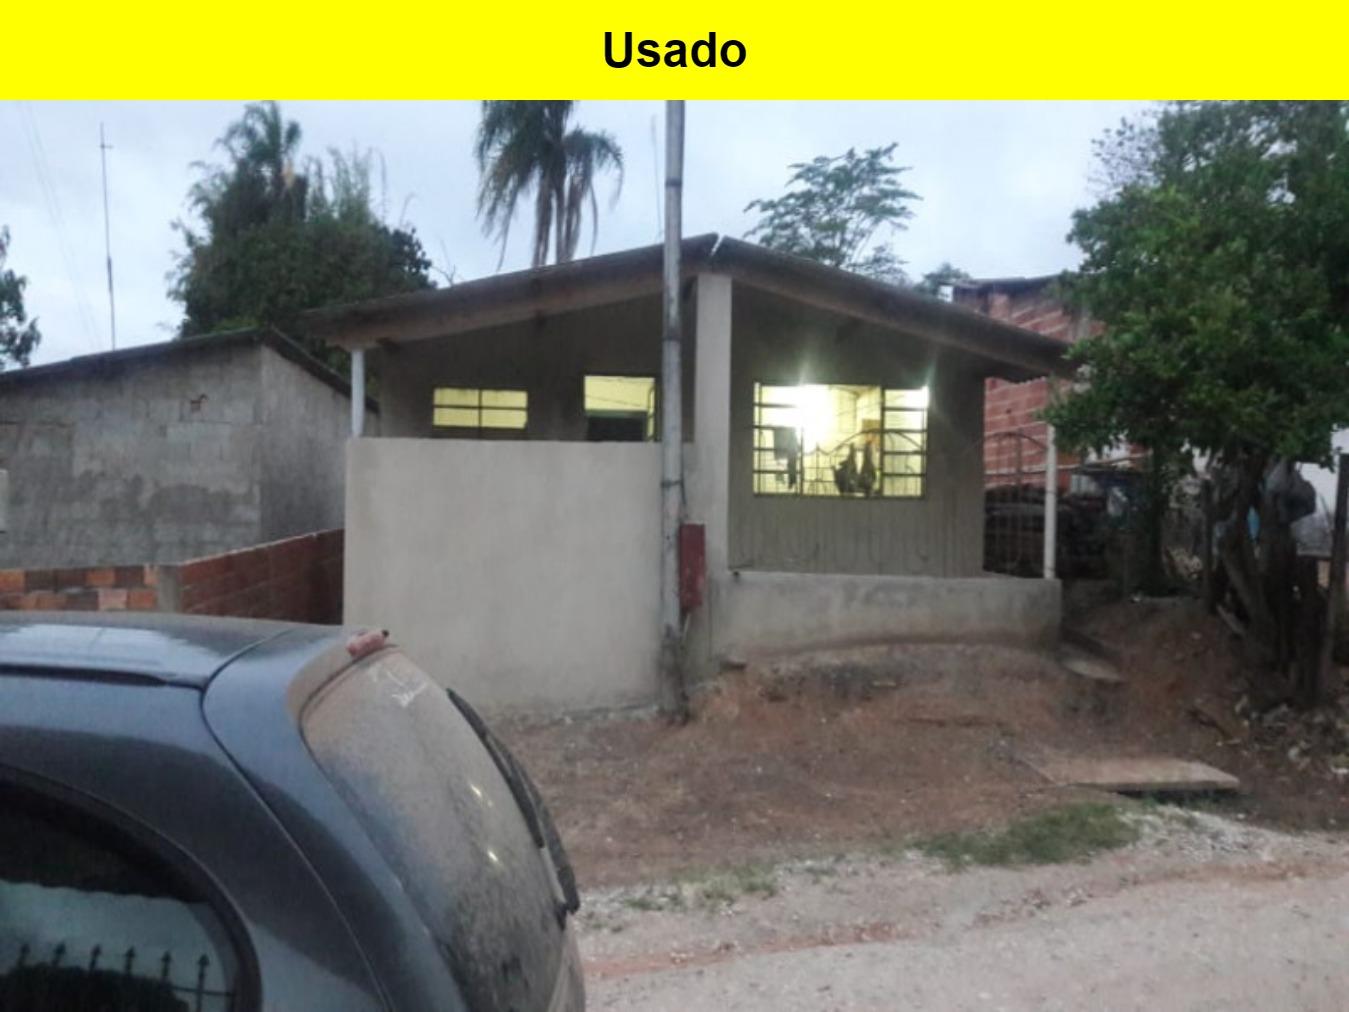 Casa a venda em Cocais, Sarapuí - Sp